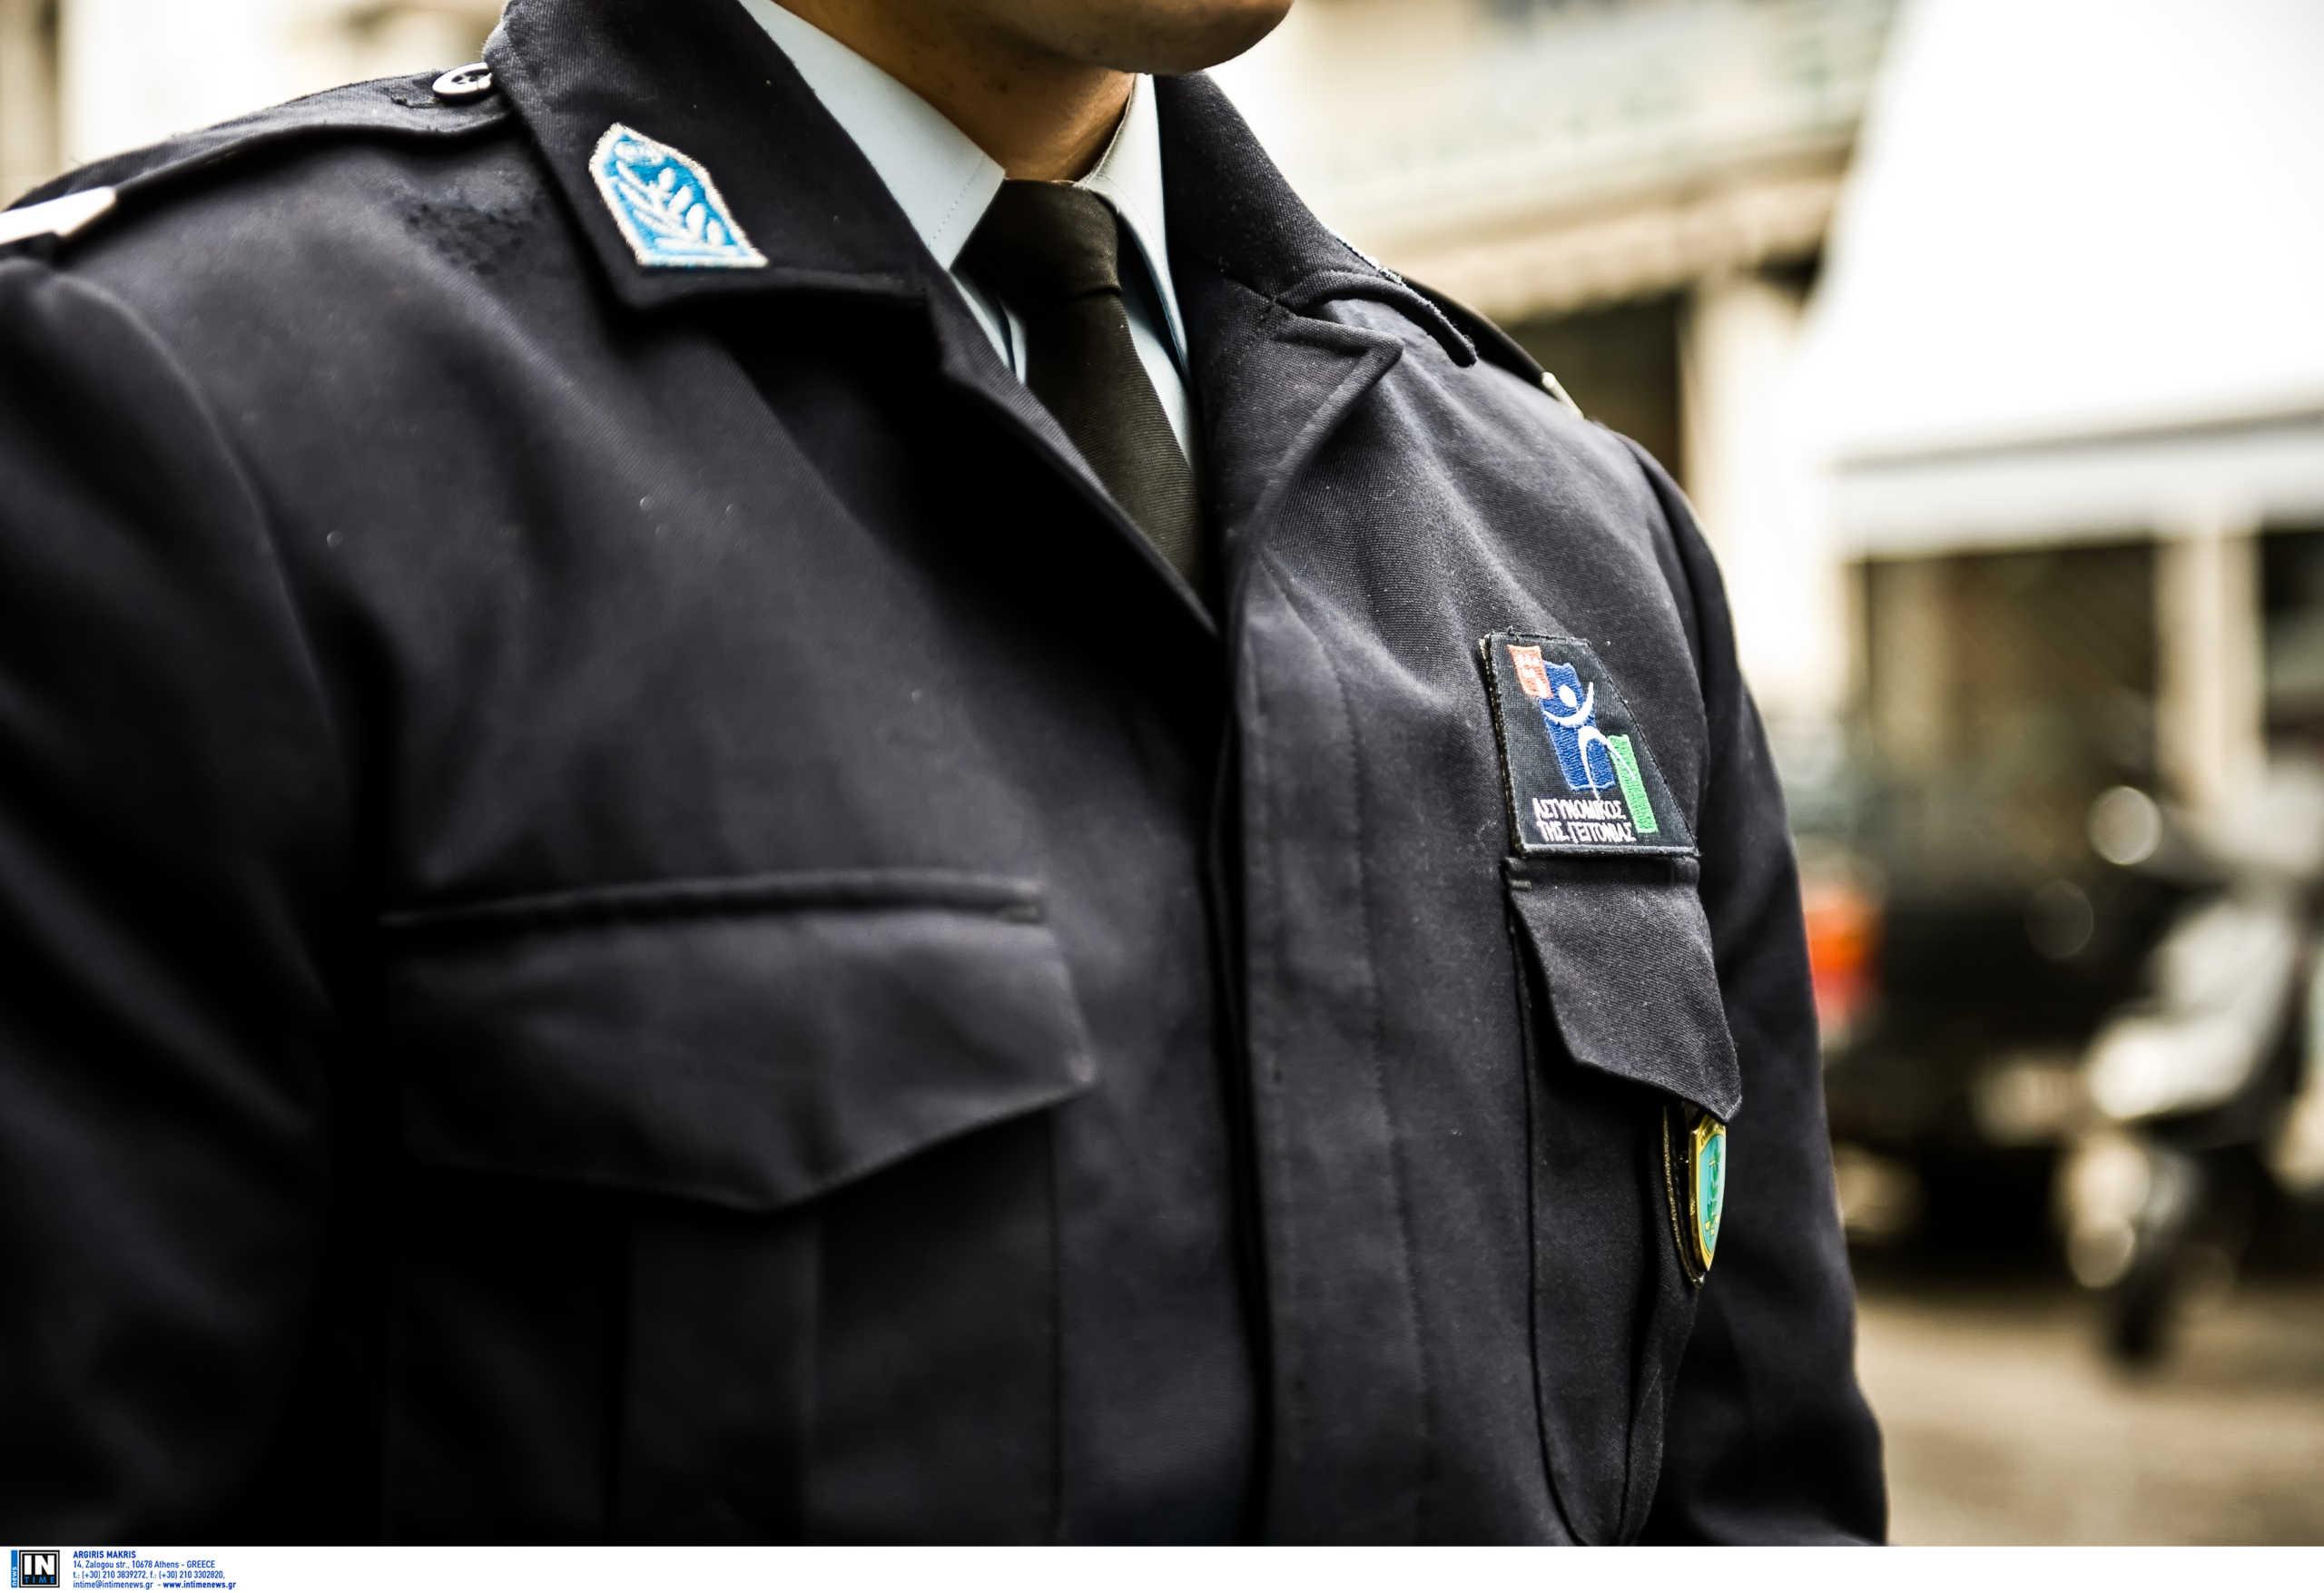 Ηράκλειο: Πήγαν στο αστυνομικό τμήμα και «έφαγαν» πρόστιμο για άσκοπη μετακίνηση – Έξω φρενών οι δύο γυναίκες